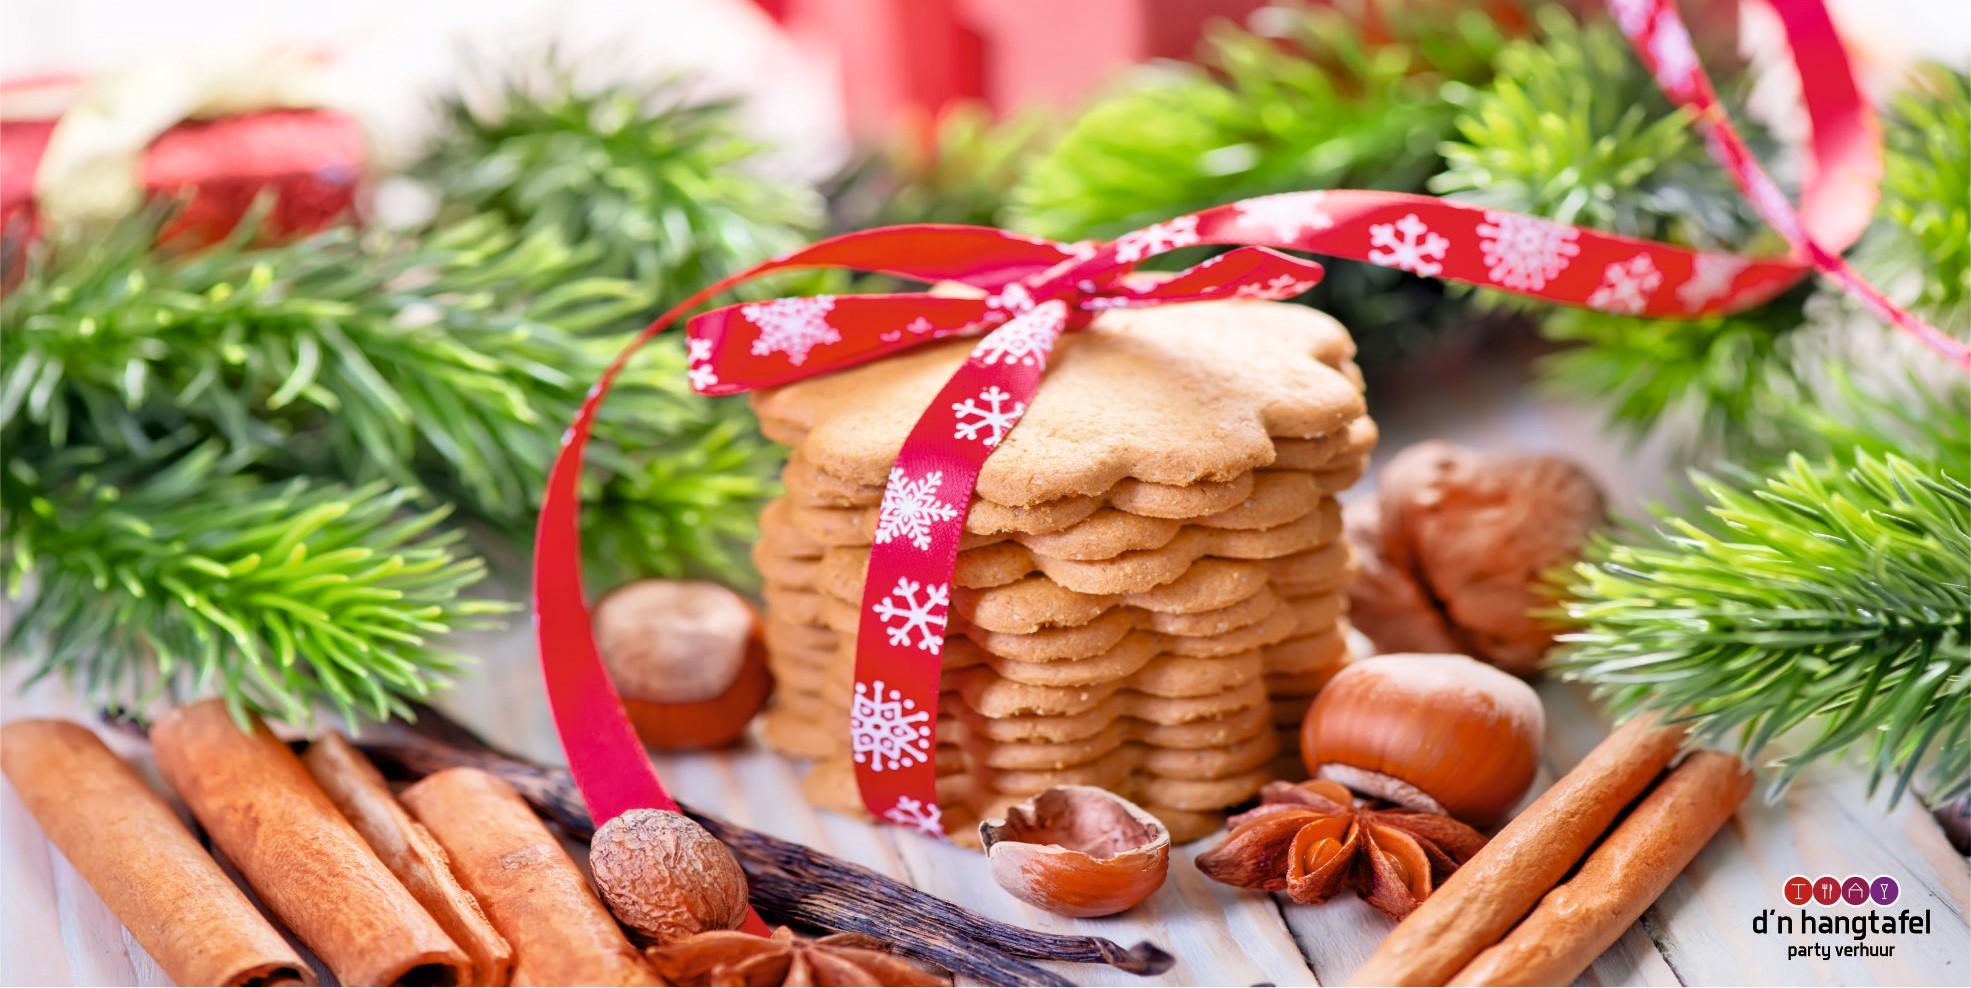 Bouwhek met kerst thema doek (kerstkoekjes)